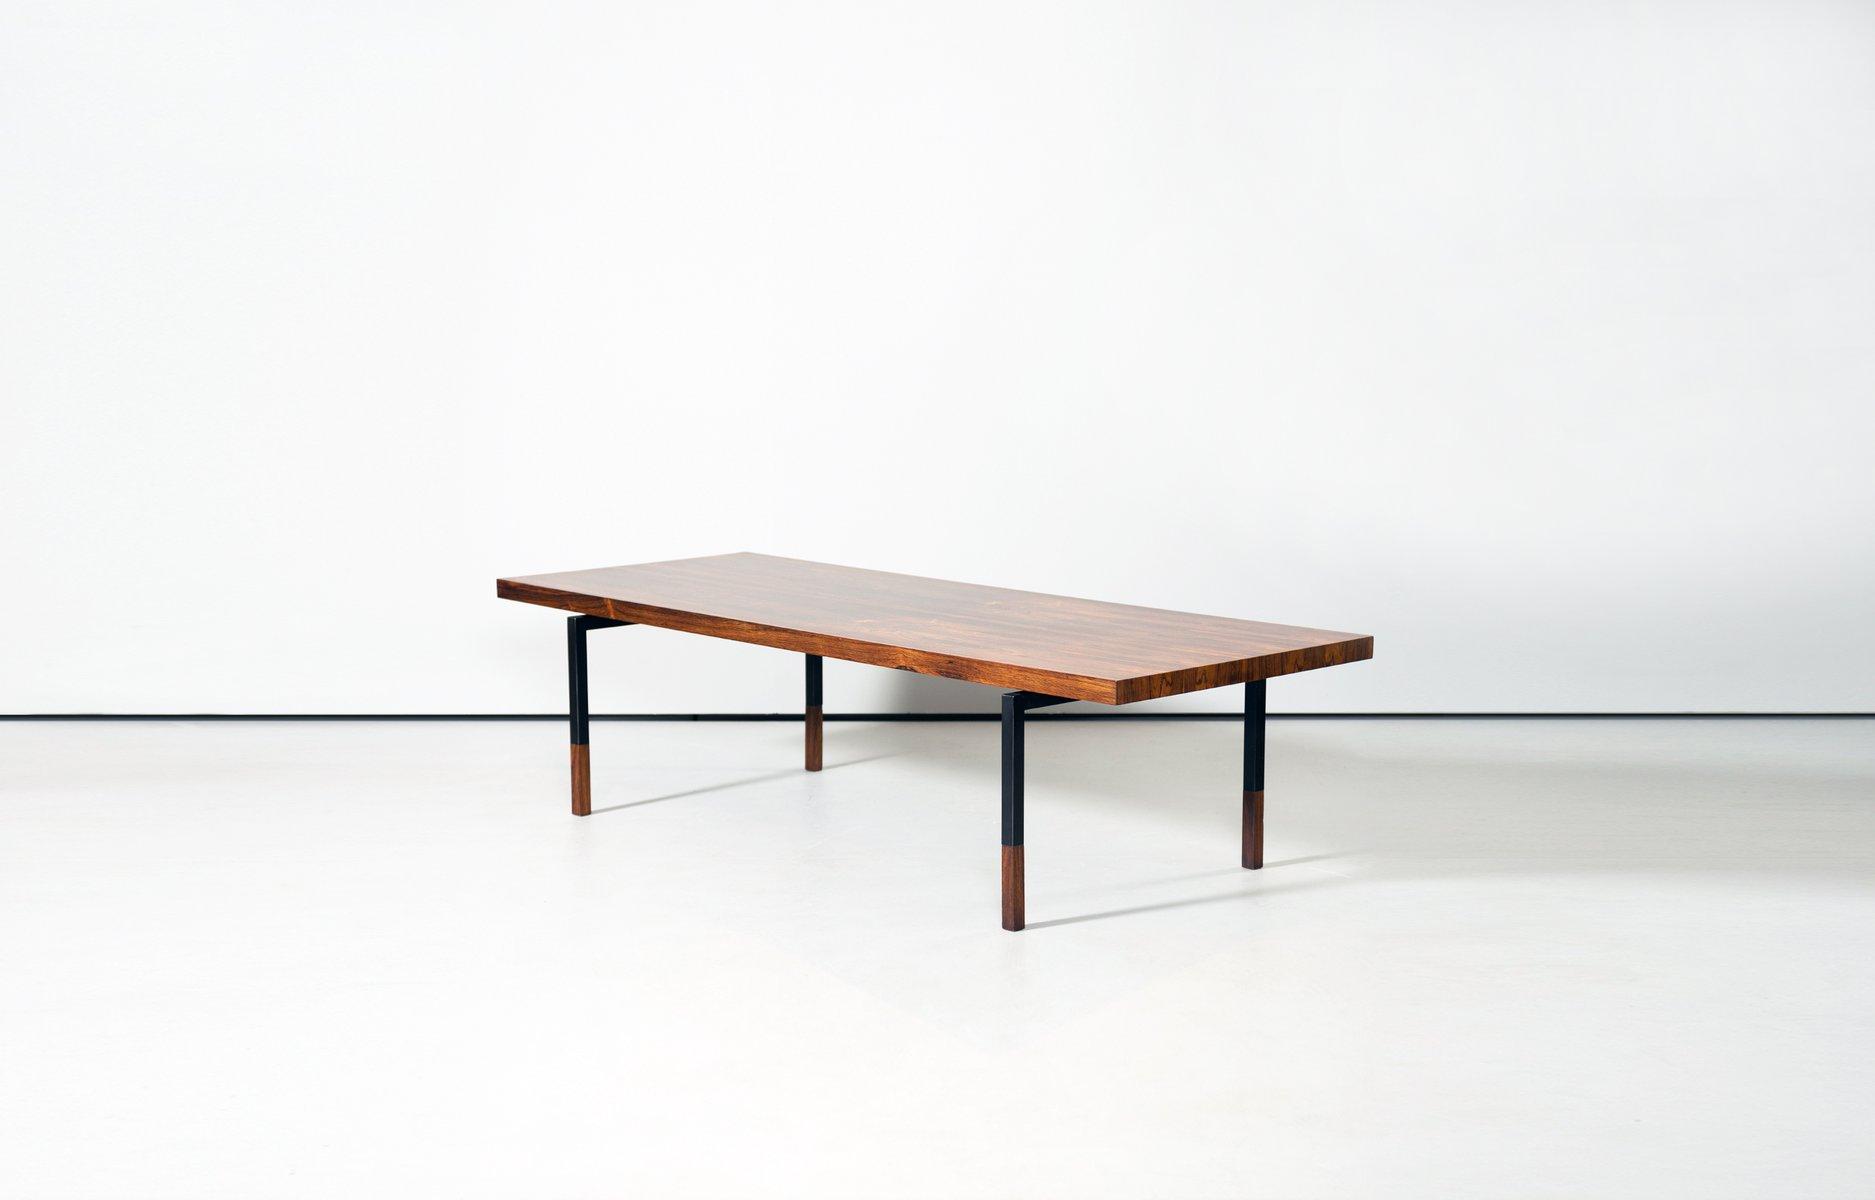 vintage tisch aus palisander metall von johannes aasbjerg bei pamono kaufen. Black Bedroom Furniture Sets. Home Design Ideas